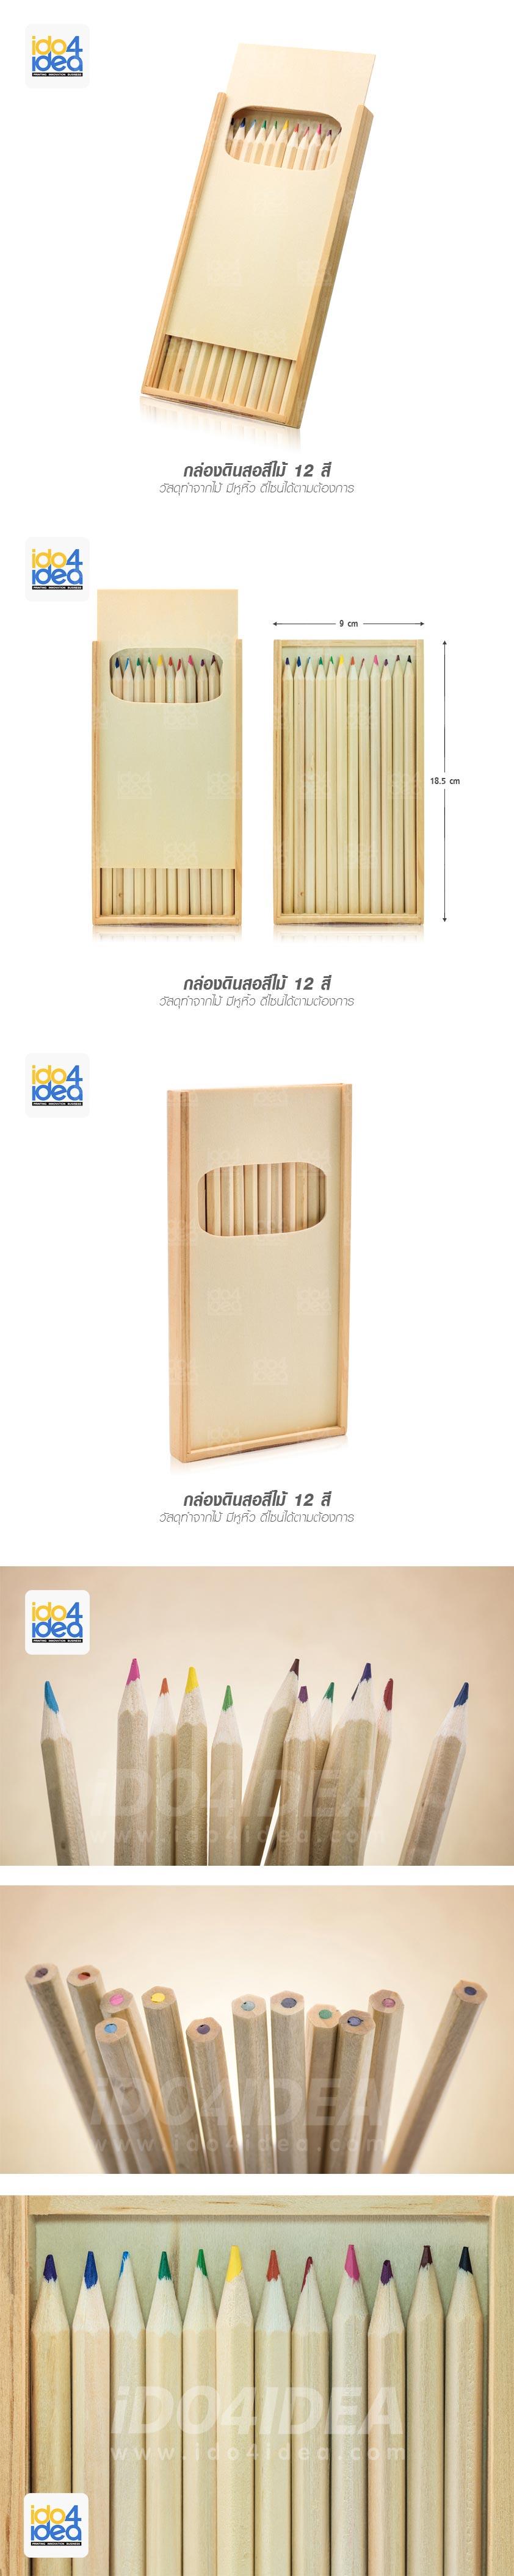 กล่องดินสอ สีไม้ 12 สี ขนาด 9 x 18.5 ซม.